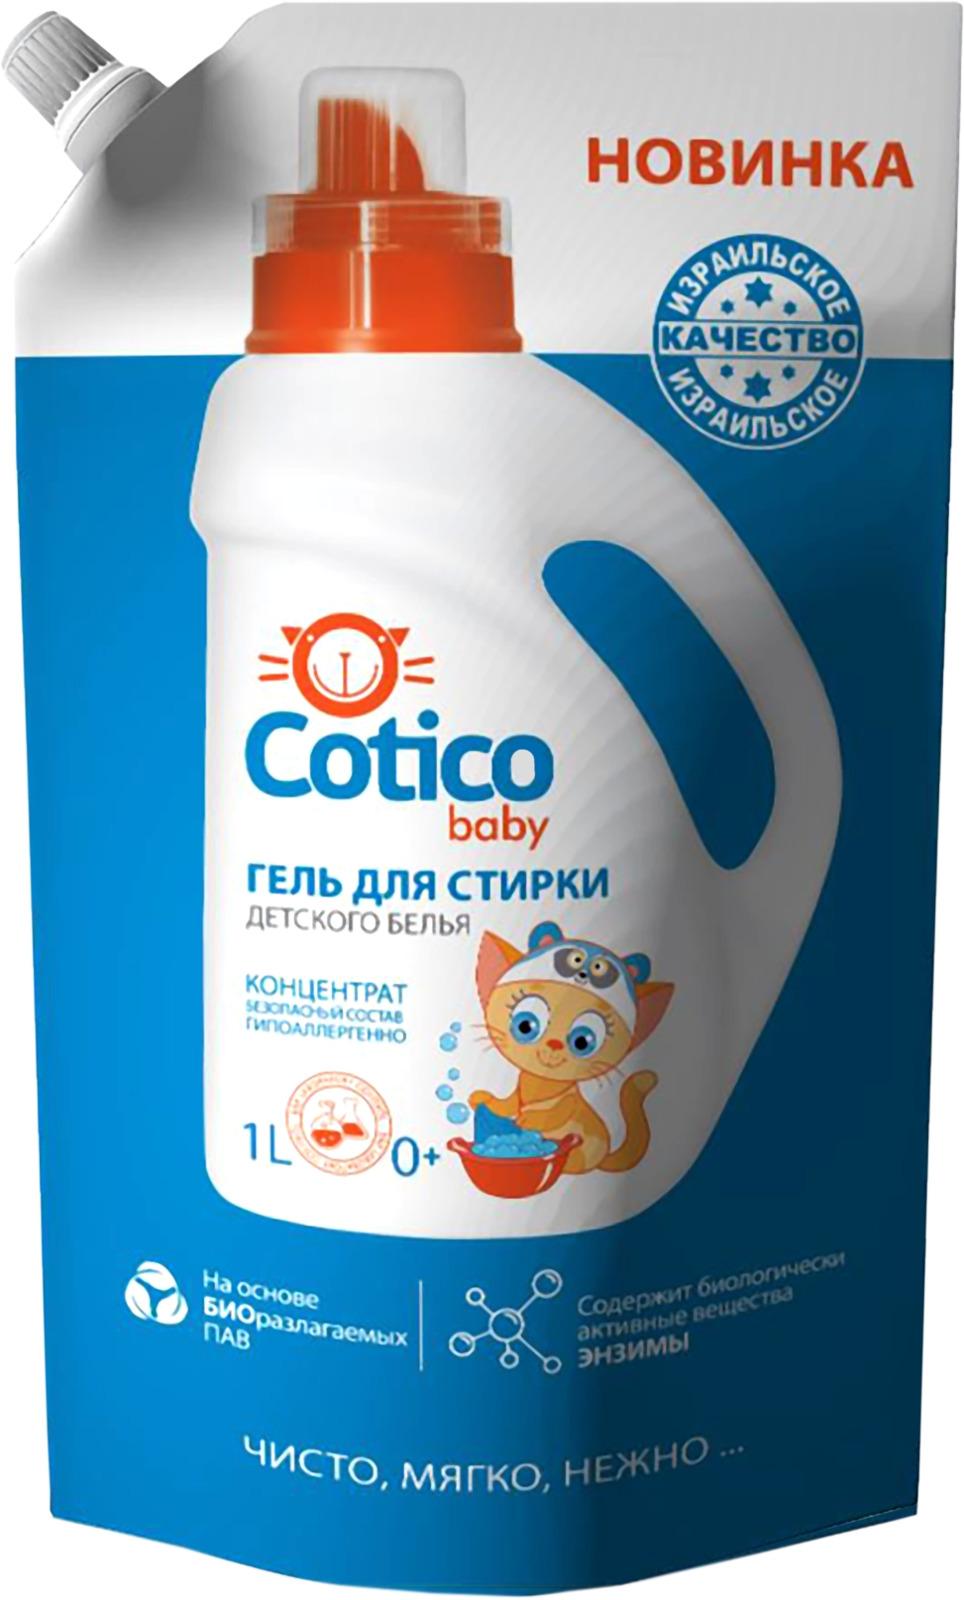 Cotico Baby Гель для стирки детского белья 1 л